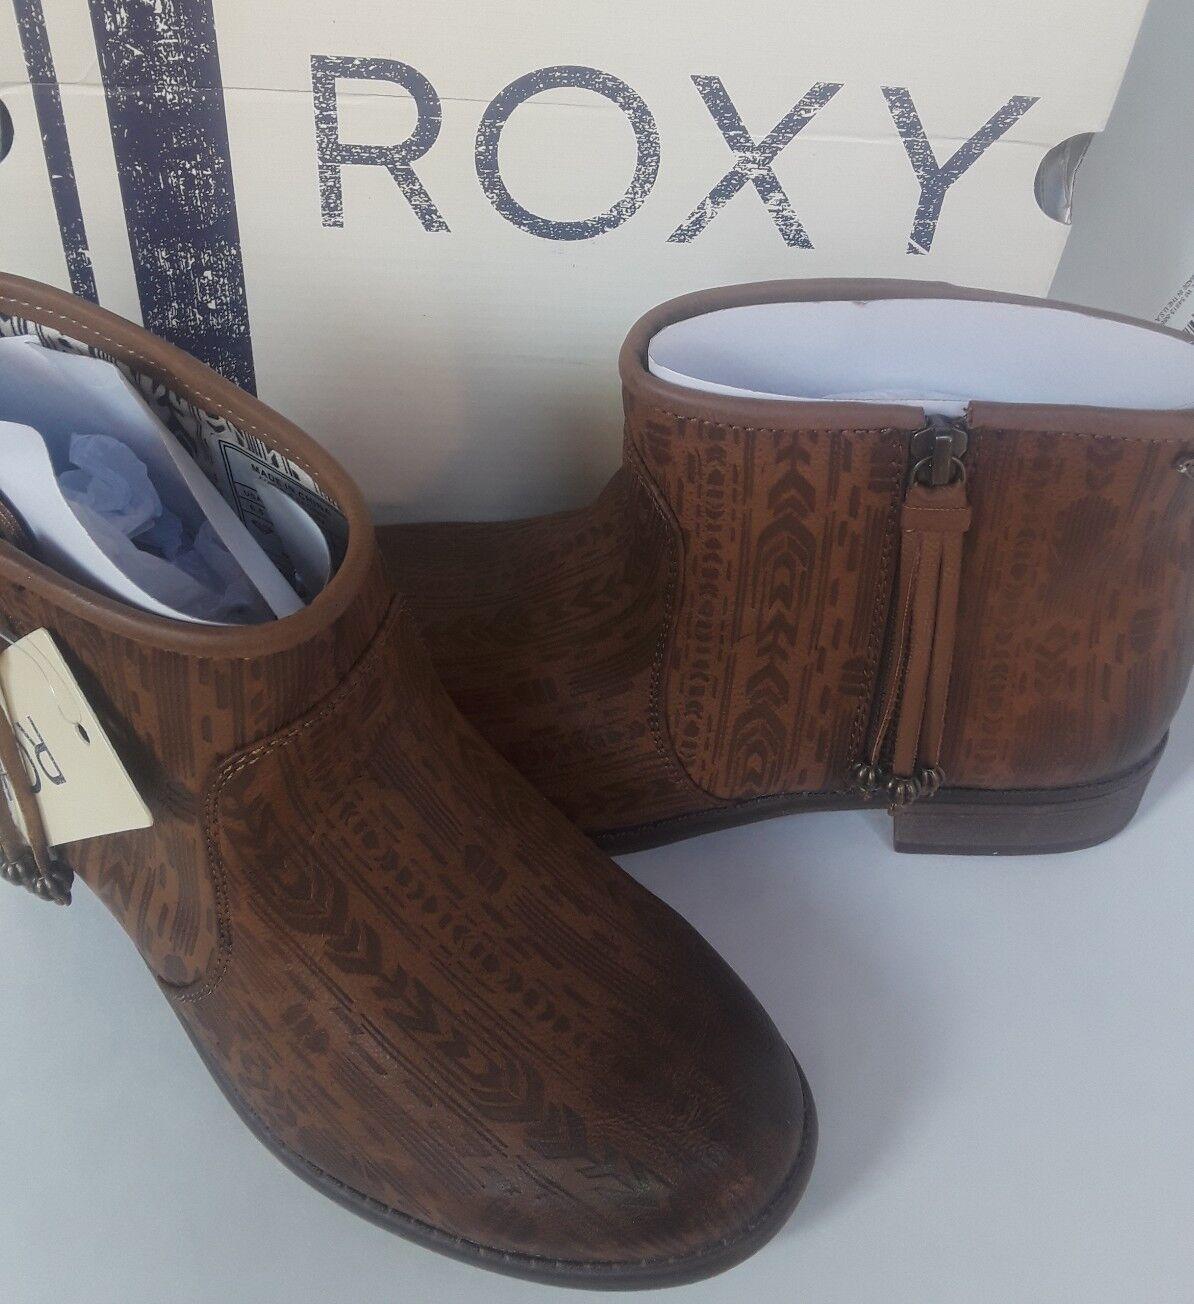 ROXY boots ladies 6.5 nwt